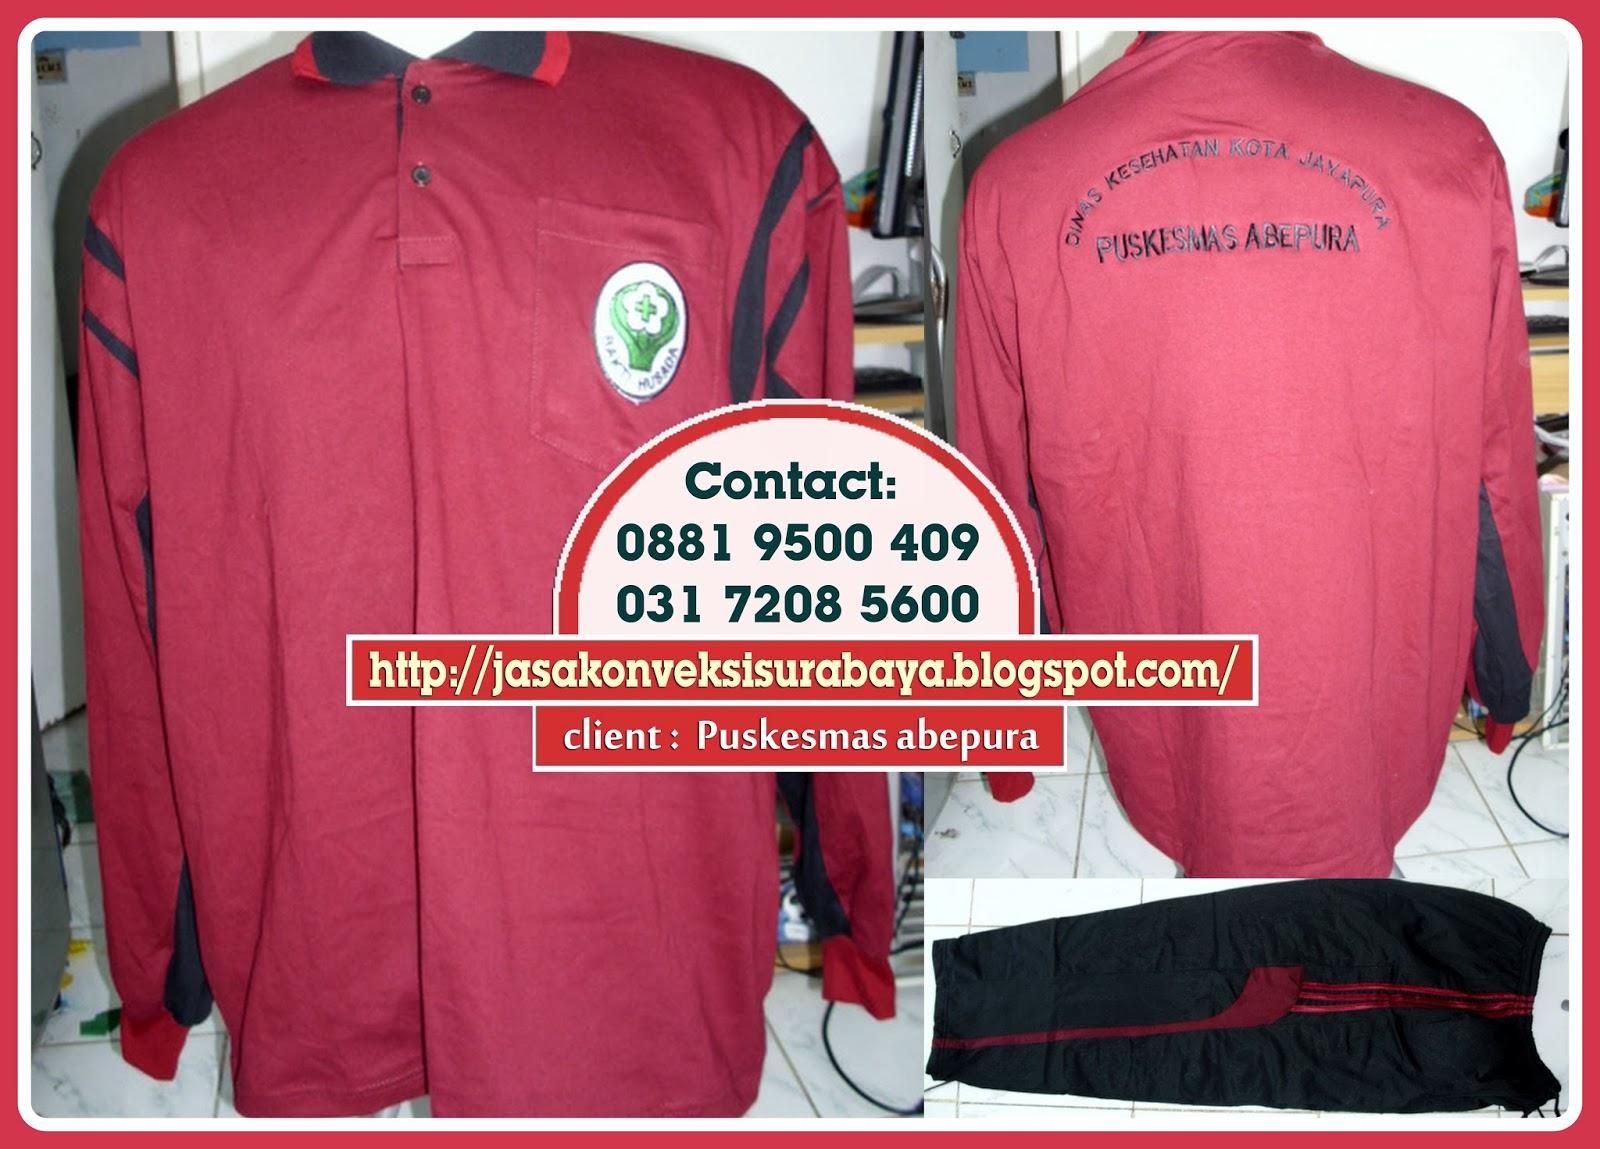 Pesan Grosir Baju Olahraga bordir, Pesan Grosir Baju Olahraga kantor, Pesan Grosir Baju Olahraga Surabaya,